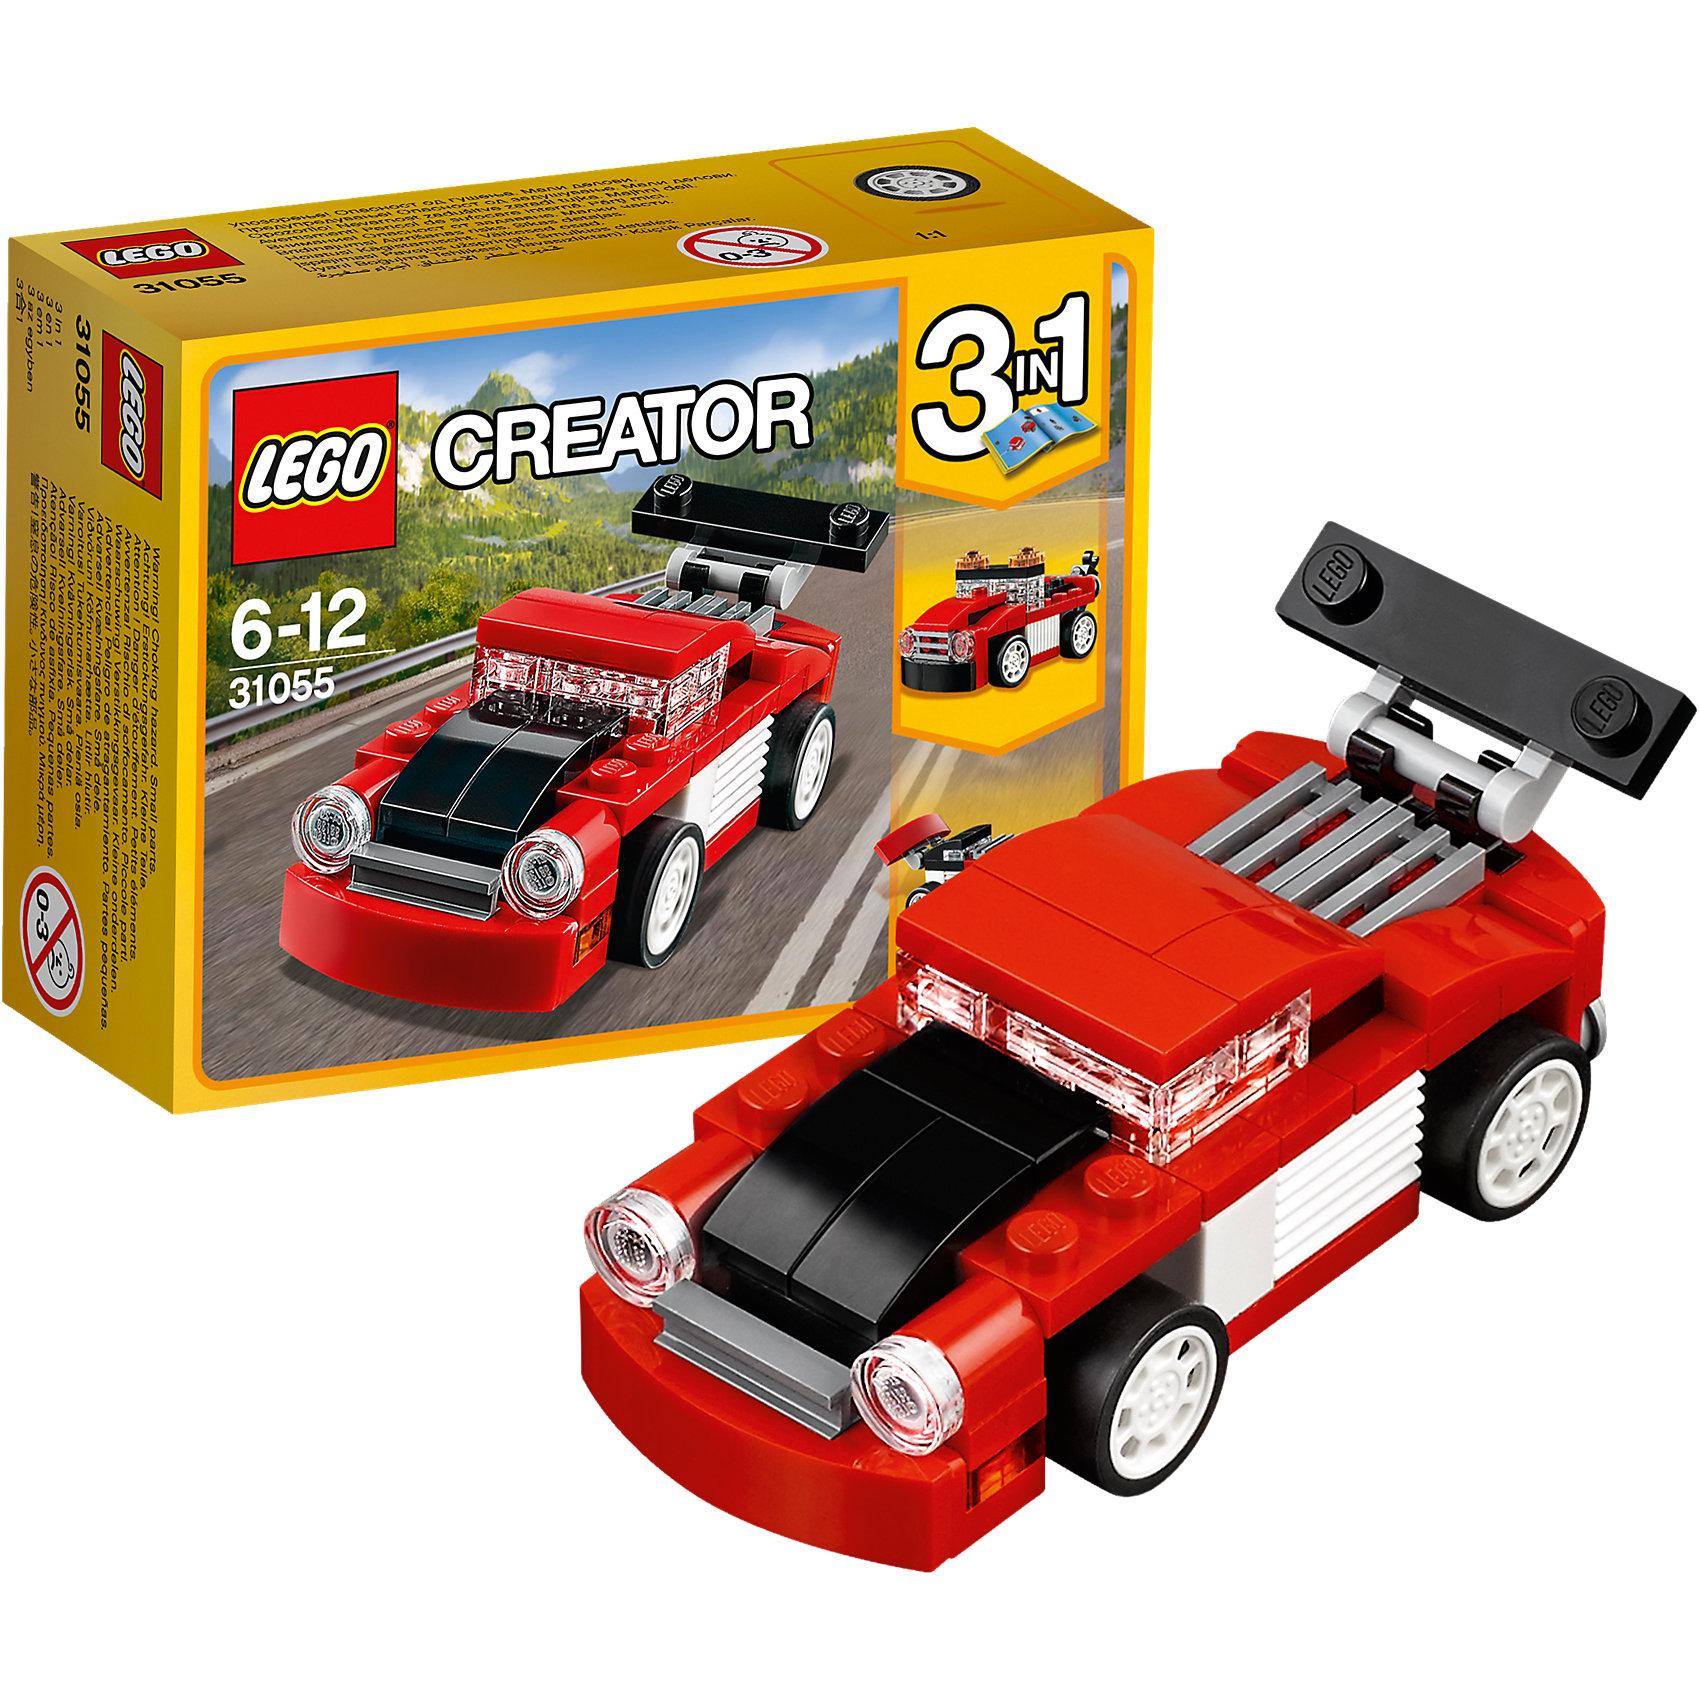 LEGO Creator 31055: Красная гоночная машинаПластмассовые конструкторы<br>LEGO Creator 31055: Красная гоночная машина<br><br>Характеристики:<br><br>- в набор входит: детали для машины, красочная инструкция<br>- состав: пластик<br>- количество деталей: 71<br>- размер гоночной машины: 8 * 3 * 3 см.<br>- размер эвакуатора: 8 * 3 * 3 см.<br>- размер болида: 7 * 3 * 3 см.<br>- для детей в возрасте: от 6 до 12 лет<br>- Страна производитель: Дания/Китай/Чехия<br><br>Легендарный конструктор LEGO (ЛЕГО) представляет серию «Creator» (Криэйтор), которая позволяет детям экспериментировать с домами, машинами, самолетами и существами. Каждый набор этой серии подразумевает перестройку тремя разными способами убирая ограничения веселья! Набор Красная гоночная машина понравится юным любителям автомобилей и гонок. Машина классических гоночных красных, черных и белых цветов может быть перестроена в эвакуатор или гоночный болид Формулы 1. Все детали отлично проработаны и прекрасно сочетаются. При наличии нескольких таких наборов можно прицеплять и вывозить эвакуатором гоночную машину, а если у ребенка уже есть другие детали ЛЕГО, то можно с их помощью достроить свои детали. Играя с конструктором ребенок развивает моторику рук, воображение и логическое мышление, научится собирать по инструкции и создавать свои модели. Придумывайте новые игры с набором LEGO «Creator»!<br><br>Конструктор LEGO Creator 31055: Красная гоночная машина можно купить в нашем интернет-магазине.<br><br>Ширина мм: 123<br>Глубина мм: 93<br>Высота мм: 50<br>Вес г: 75<br>Возраст от месяцев: 72<br>Возраст до месяцев: 144<br>Пол: Мужской<br>Возраст: Детский<br>SKU: 5002497